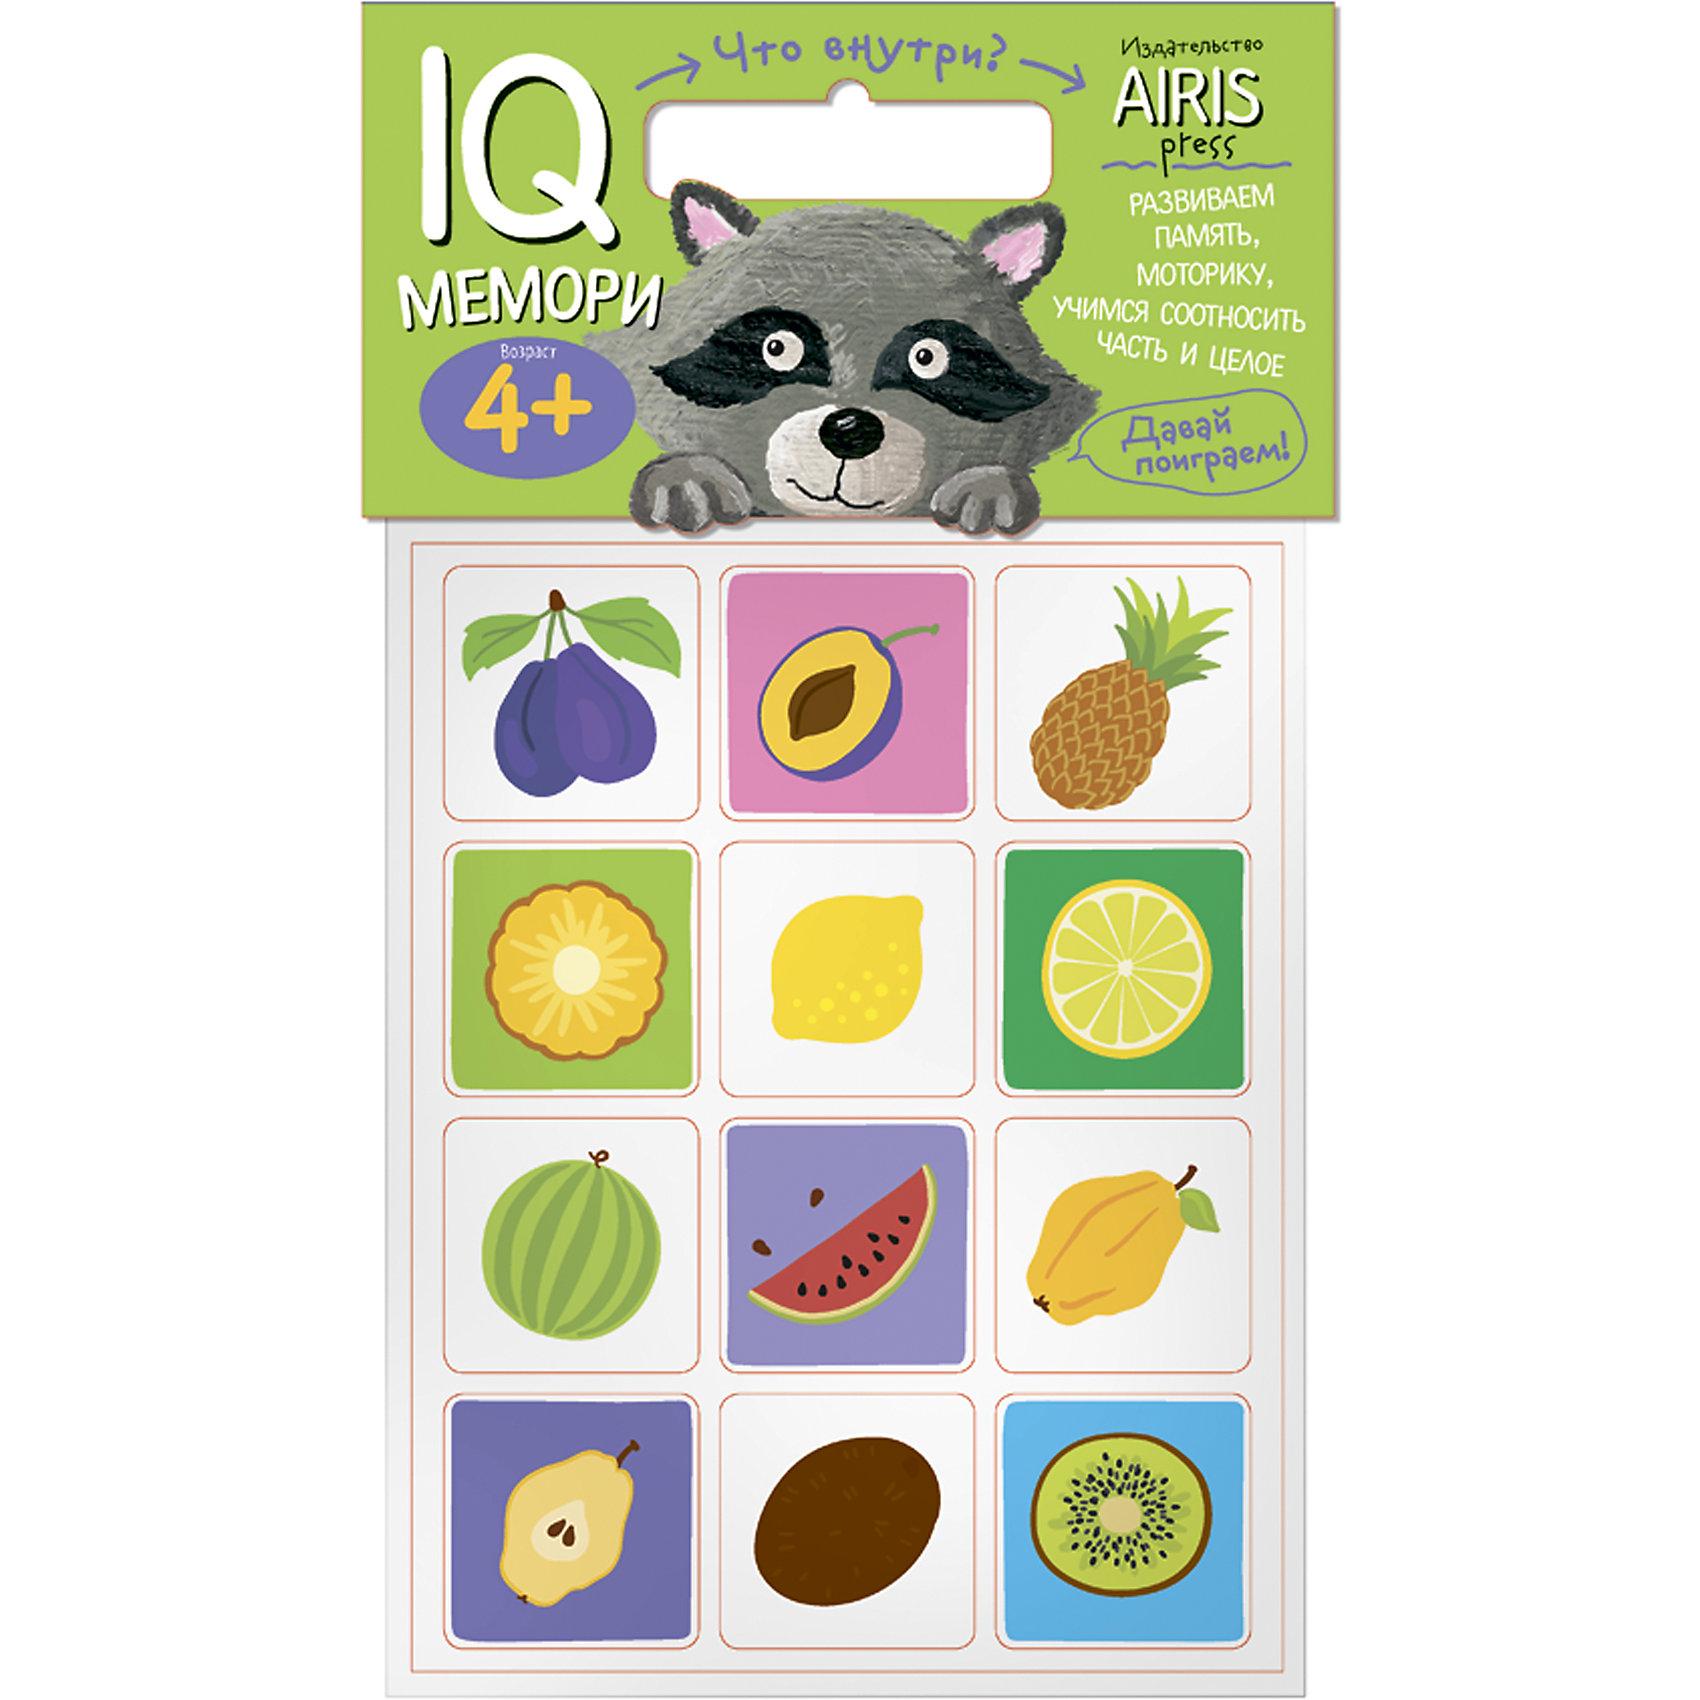 Мемори Что внутри?Игры мемо<br>IQ-Мемори «Что внутри?» – это увлекательная настольная игра для развития способности ребёнка соотносить часть и целое, тренировки его памяти и моторики. Набор состоит из 24 объёмных карточек с цветными рисунками. Карточки сделаны из мягкого, прочного и безопасного материала EVA. Они удобно ложатся в детскую ручку и отлично подходят для познавательных игр.&#13;<br>Цель игры  — собрать как можно больше парных карточек по принципу предмет и его часть. В игре принимают участие несколько человек. Победителем становится тот, кто  собрал больше парных карточек.&#13;<br>На упаковке набора даётся описание, как играть с мягкими карточками.&#13;<br>Предназначен для детей от 4 лет.<br><br>Ширина мм: 20<br>Глубина мм: 175<br>Высота мм: 225<br>Вес г: 66<br>Возраст от месяцев: 48<br>Возраст до месяцев: 72<br>Пол: Унисекс<br>Возраст: Детский<br>SKU: 6849524